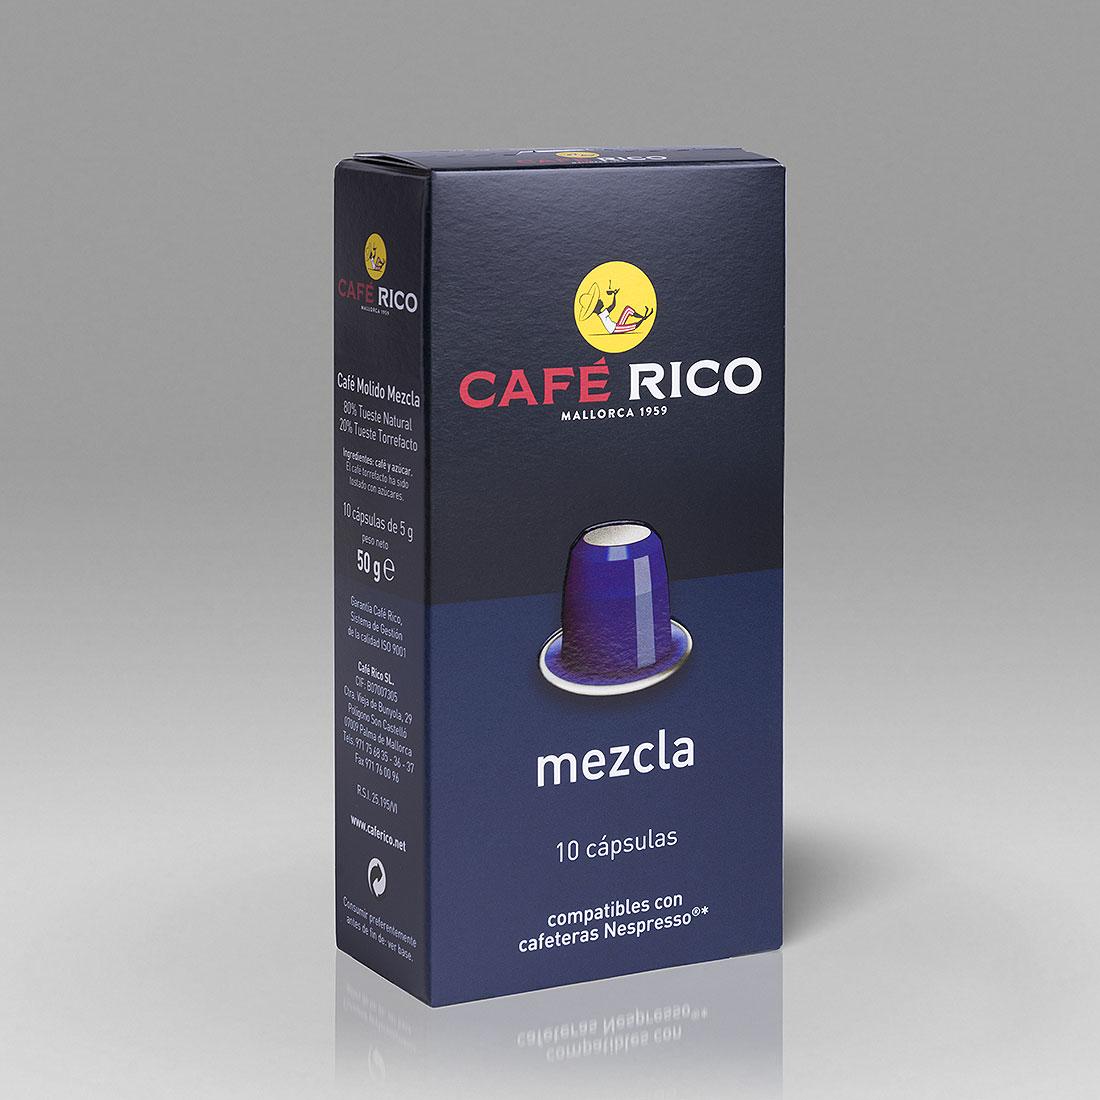 Cafe-Rico-Capsulas-Mezcla